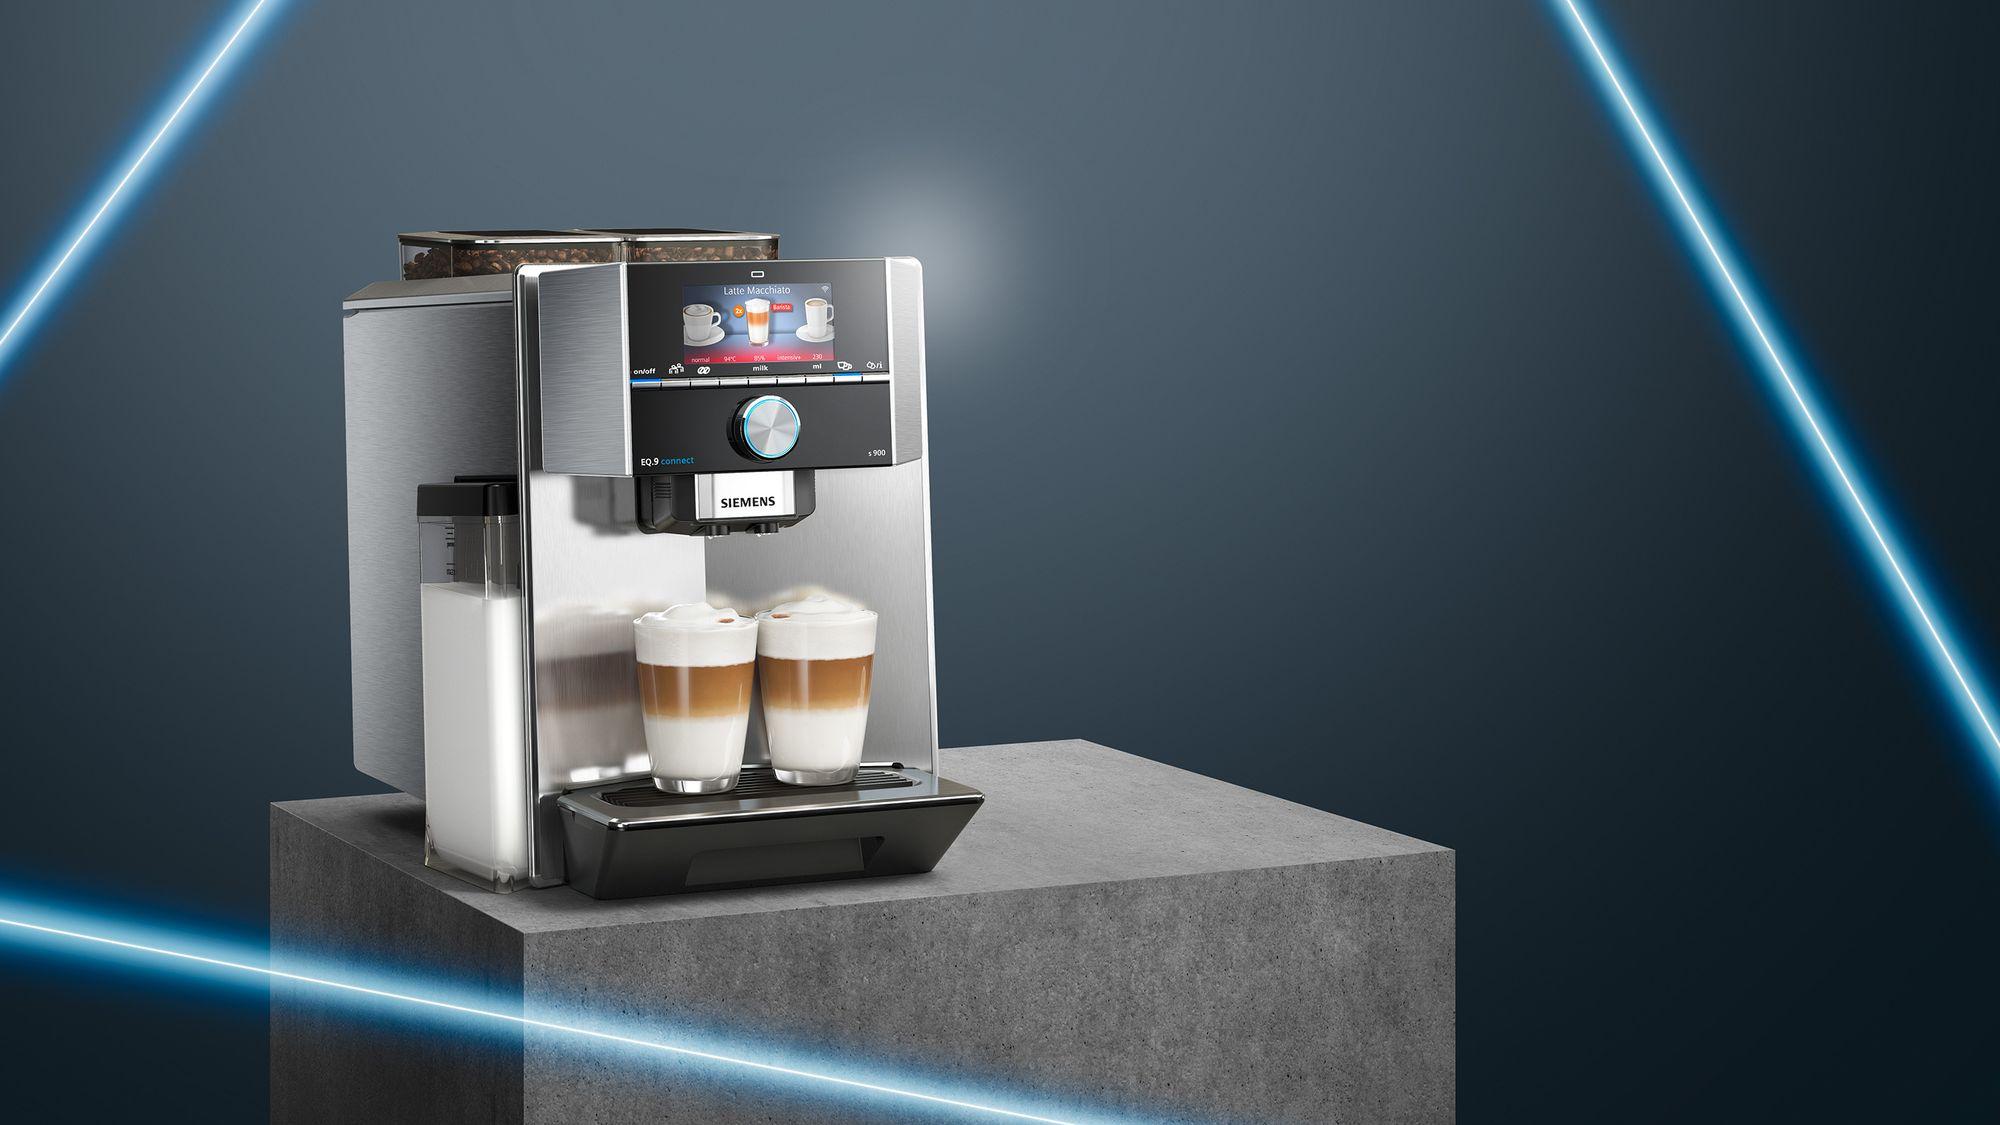 Kávovary s mlynčekom Siemens s Home Connect.